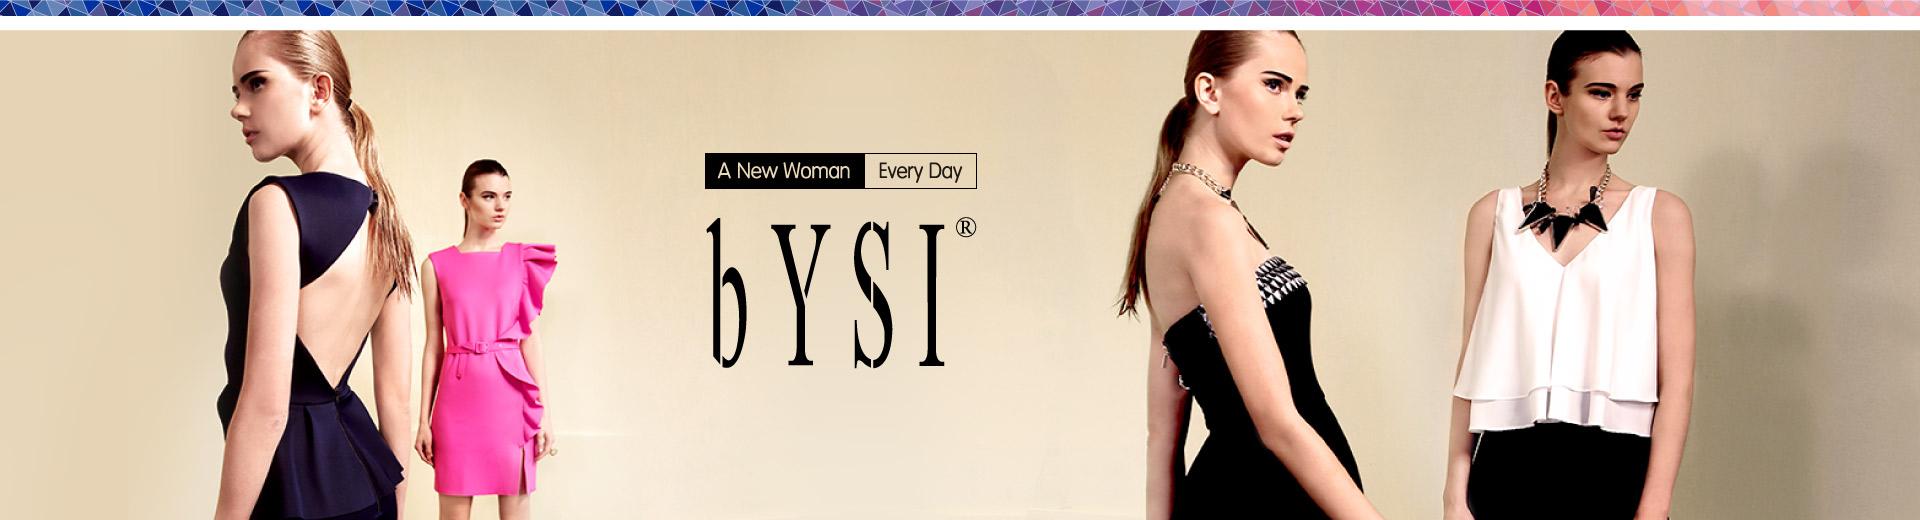 bYSI_Slider-Banner